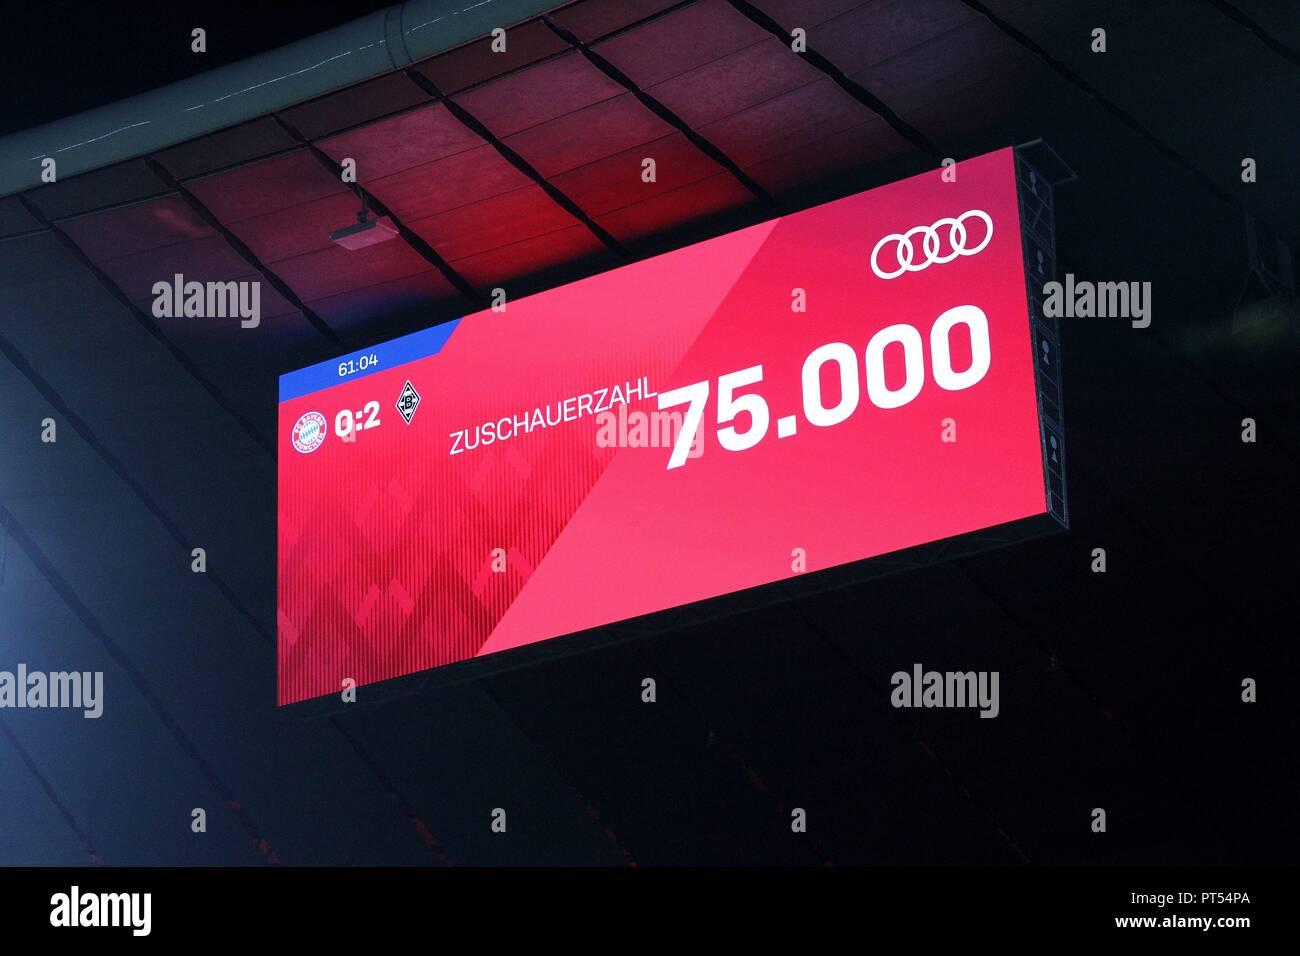 firo: 06.10.2018 Fuvuball, Football: 1.Bundesliga Bayern Munich - Borussia Mv? nchengladbach, number of spectators, scoreboard, depositor,   usage worldwide - Stock Image